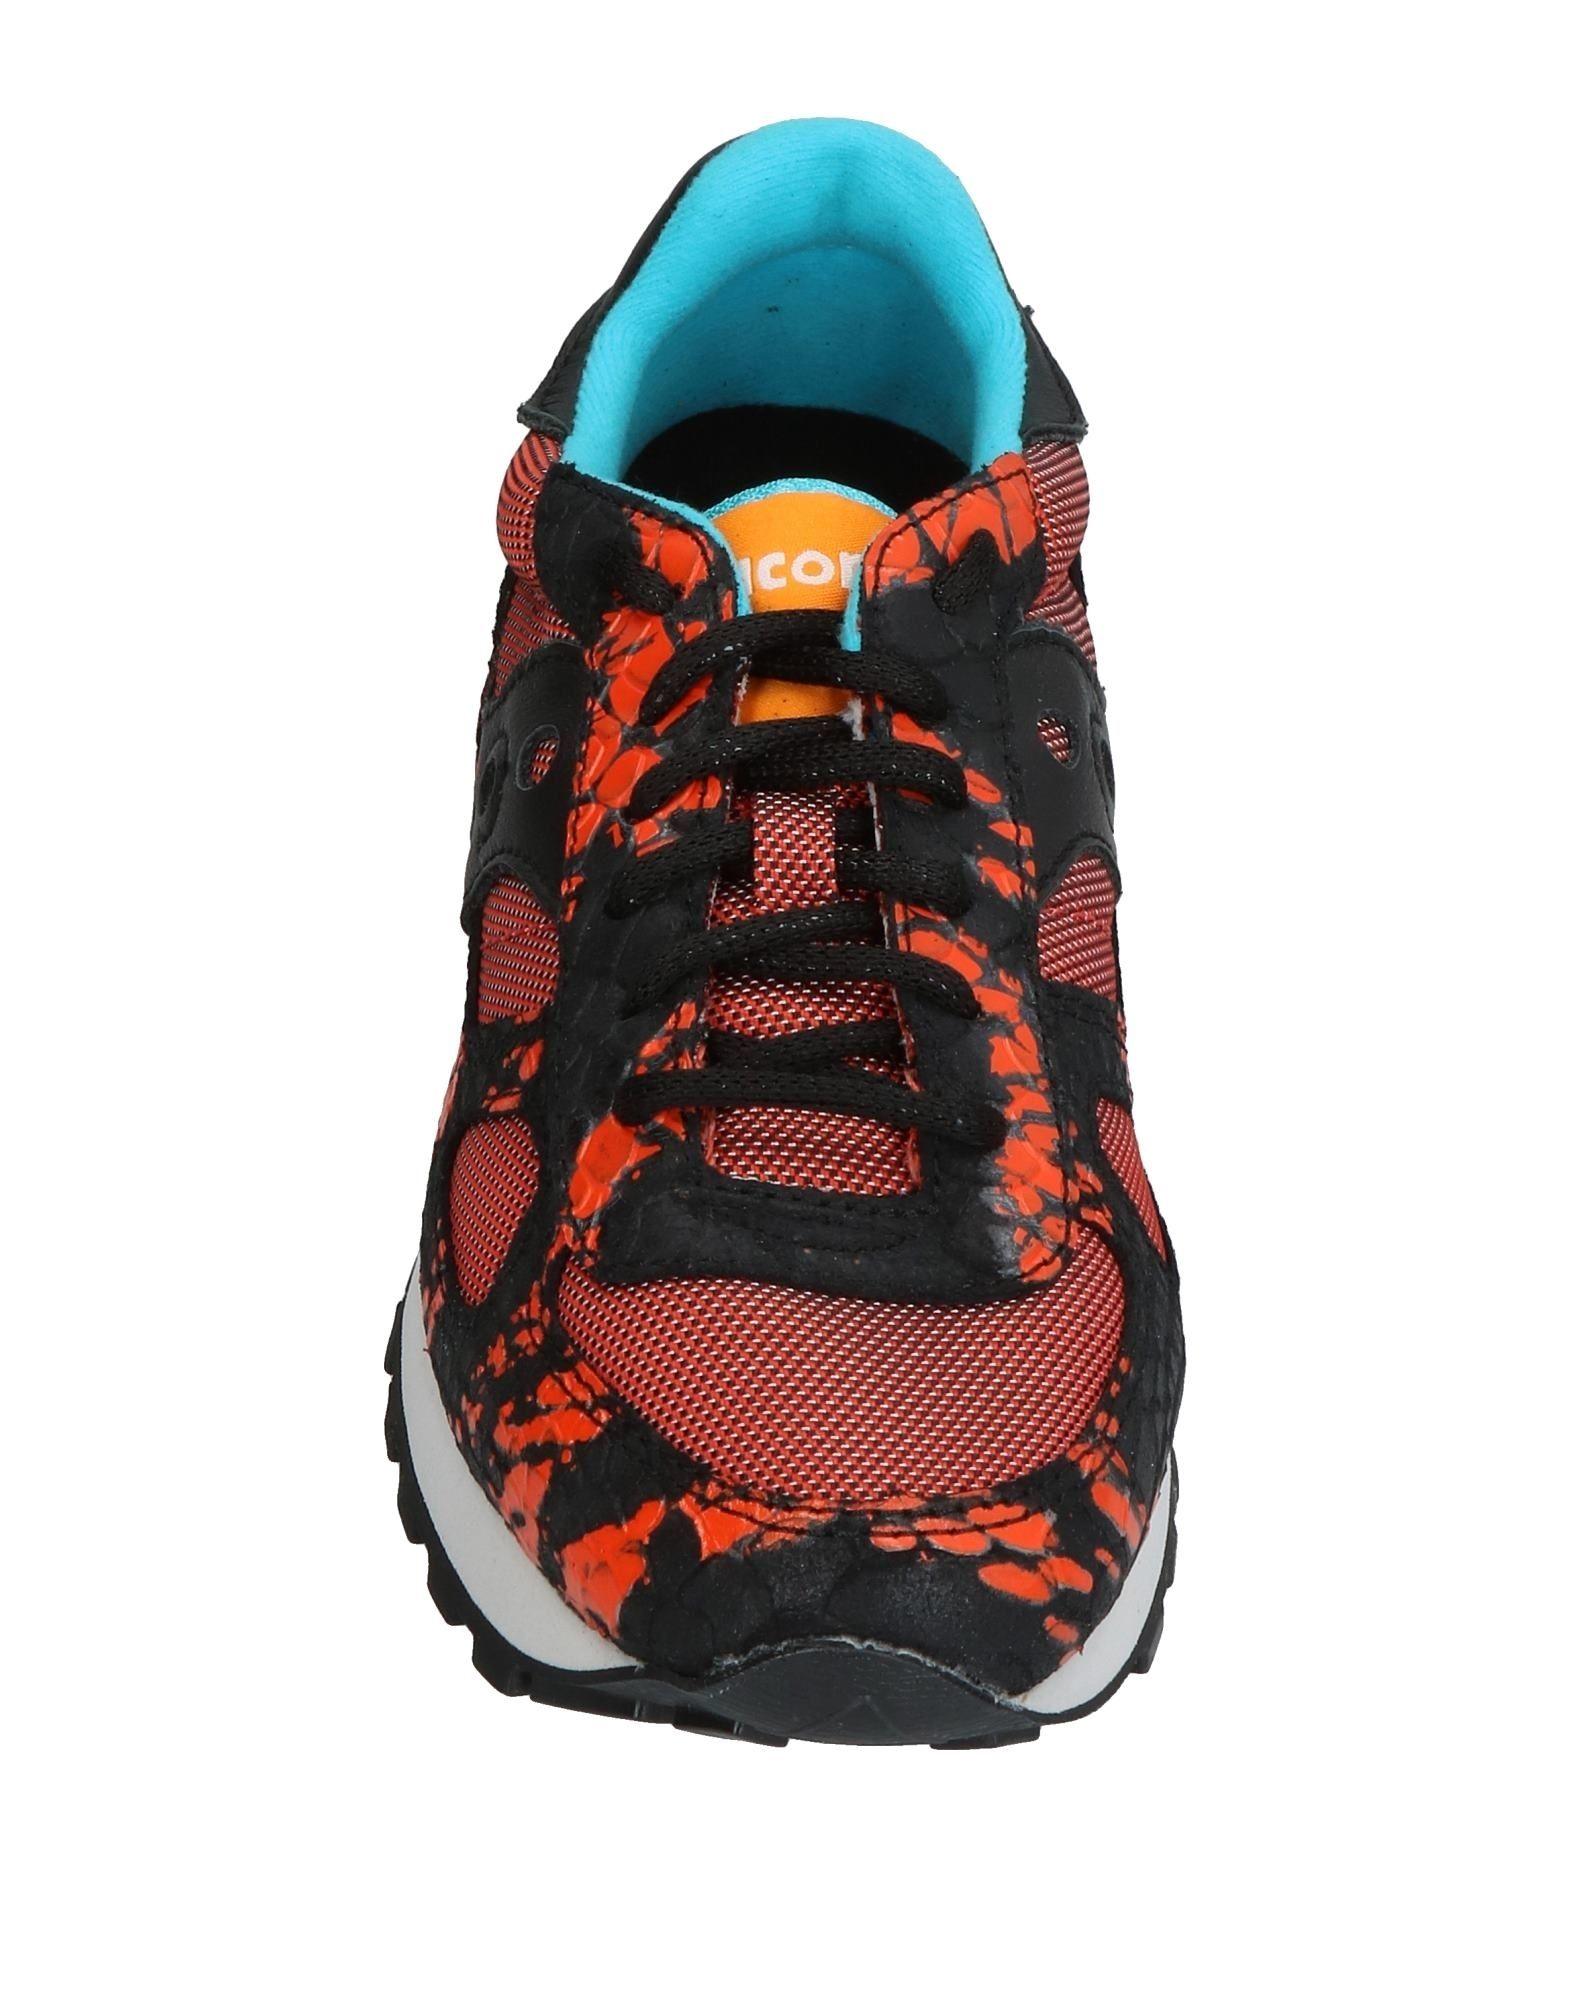 Resistenti Economiche Sneakers E Scarpe Saucony qn1attp